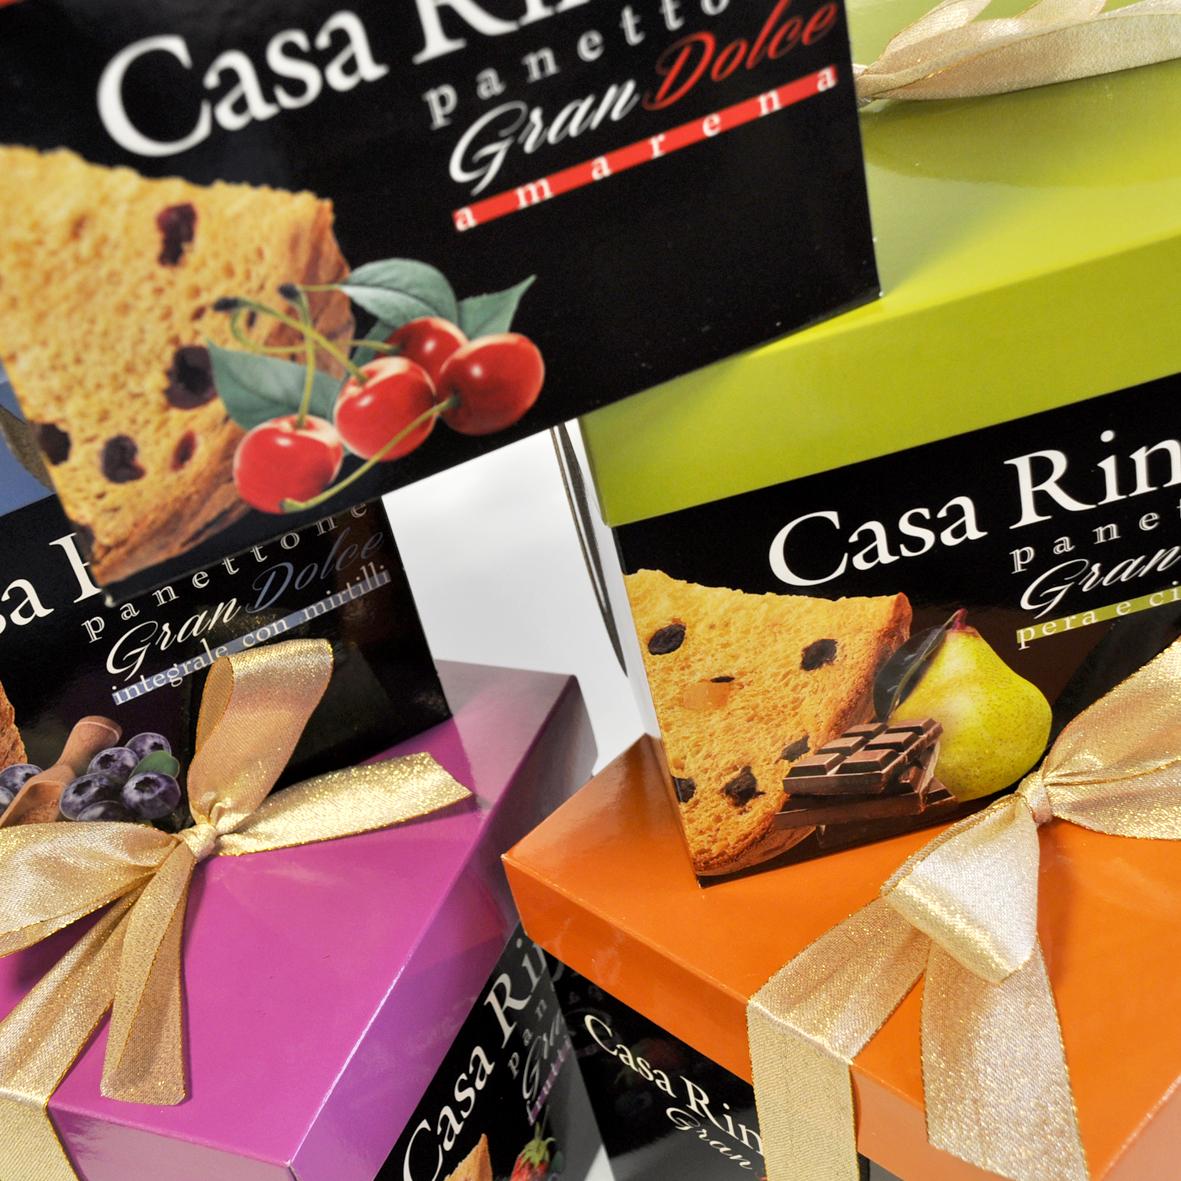 Кулич с кусочками черники в подарочной коробке Casa Rinaldi 750 г